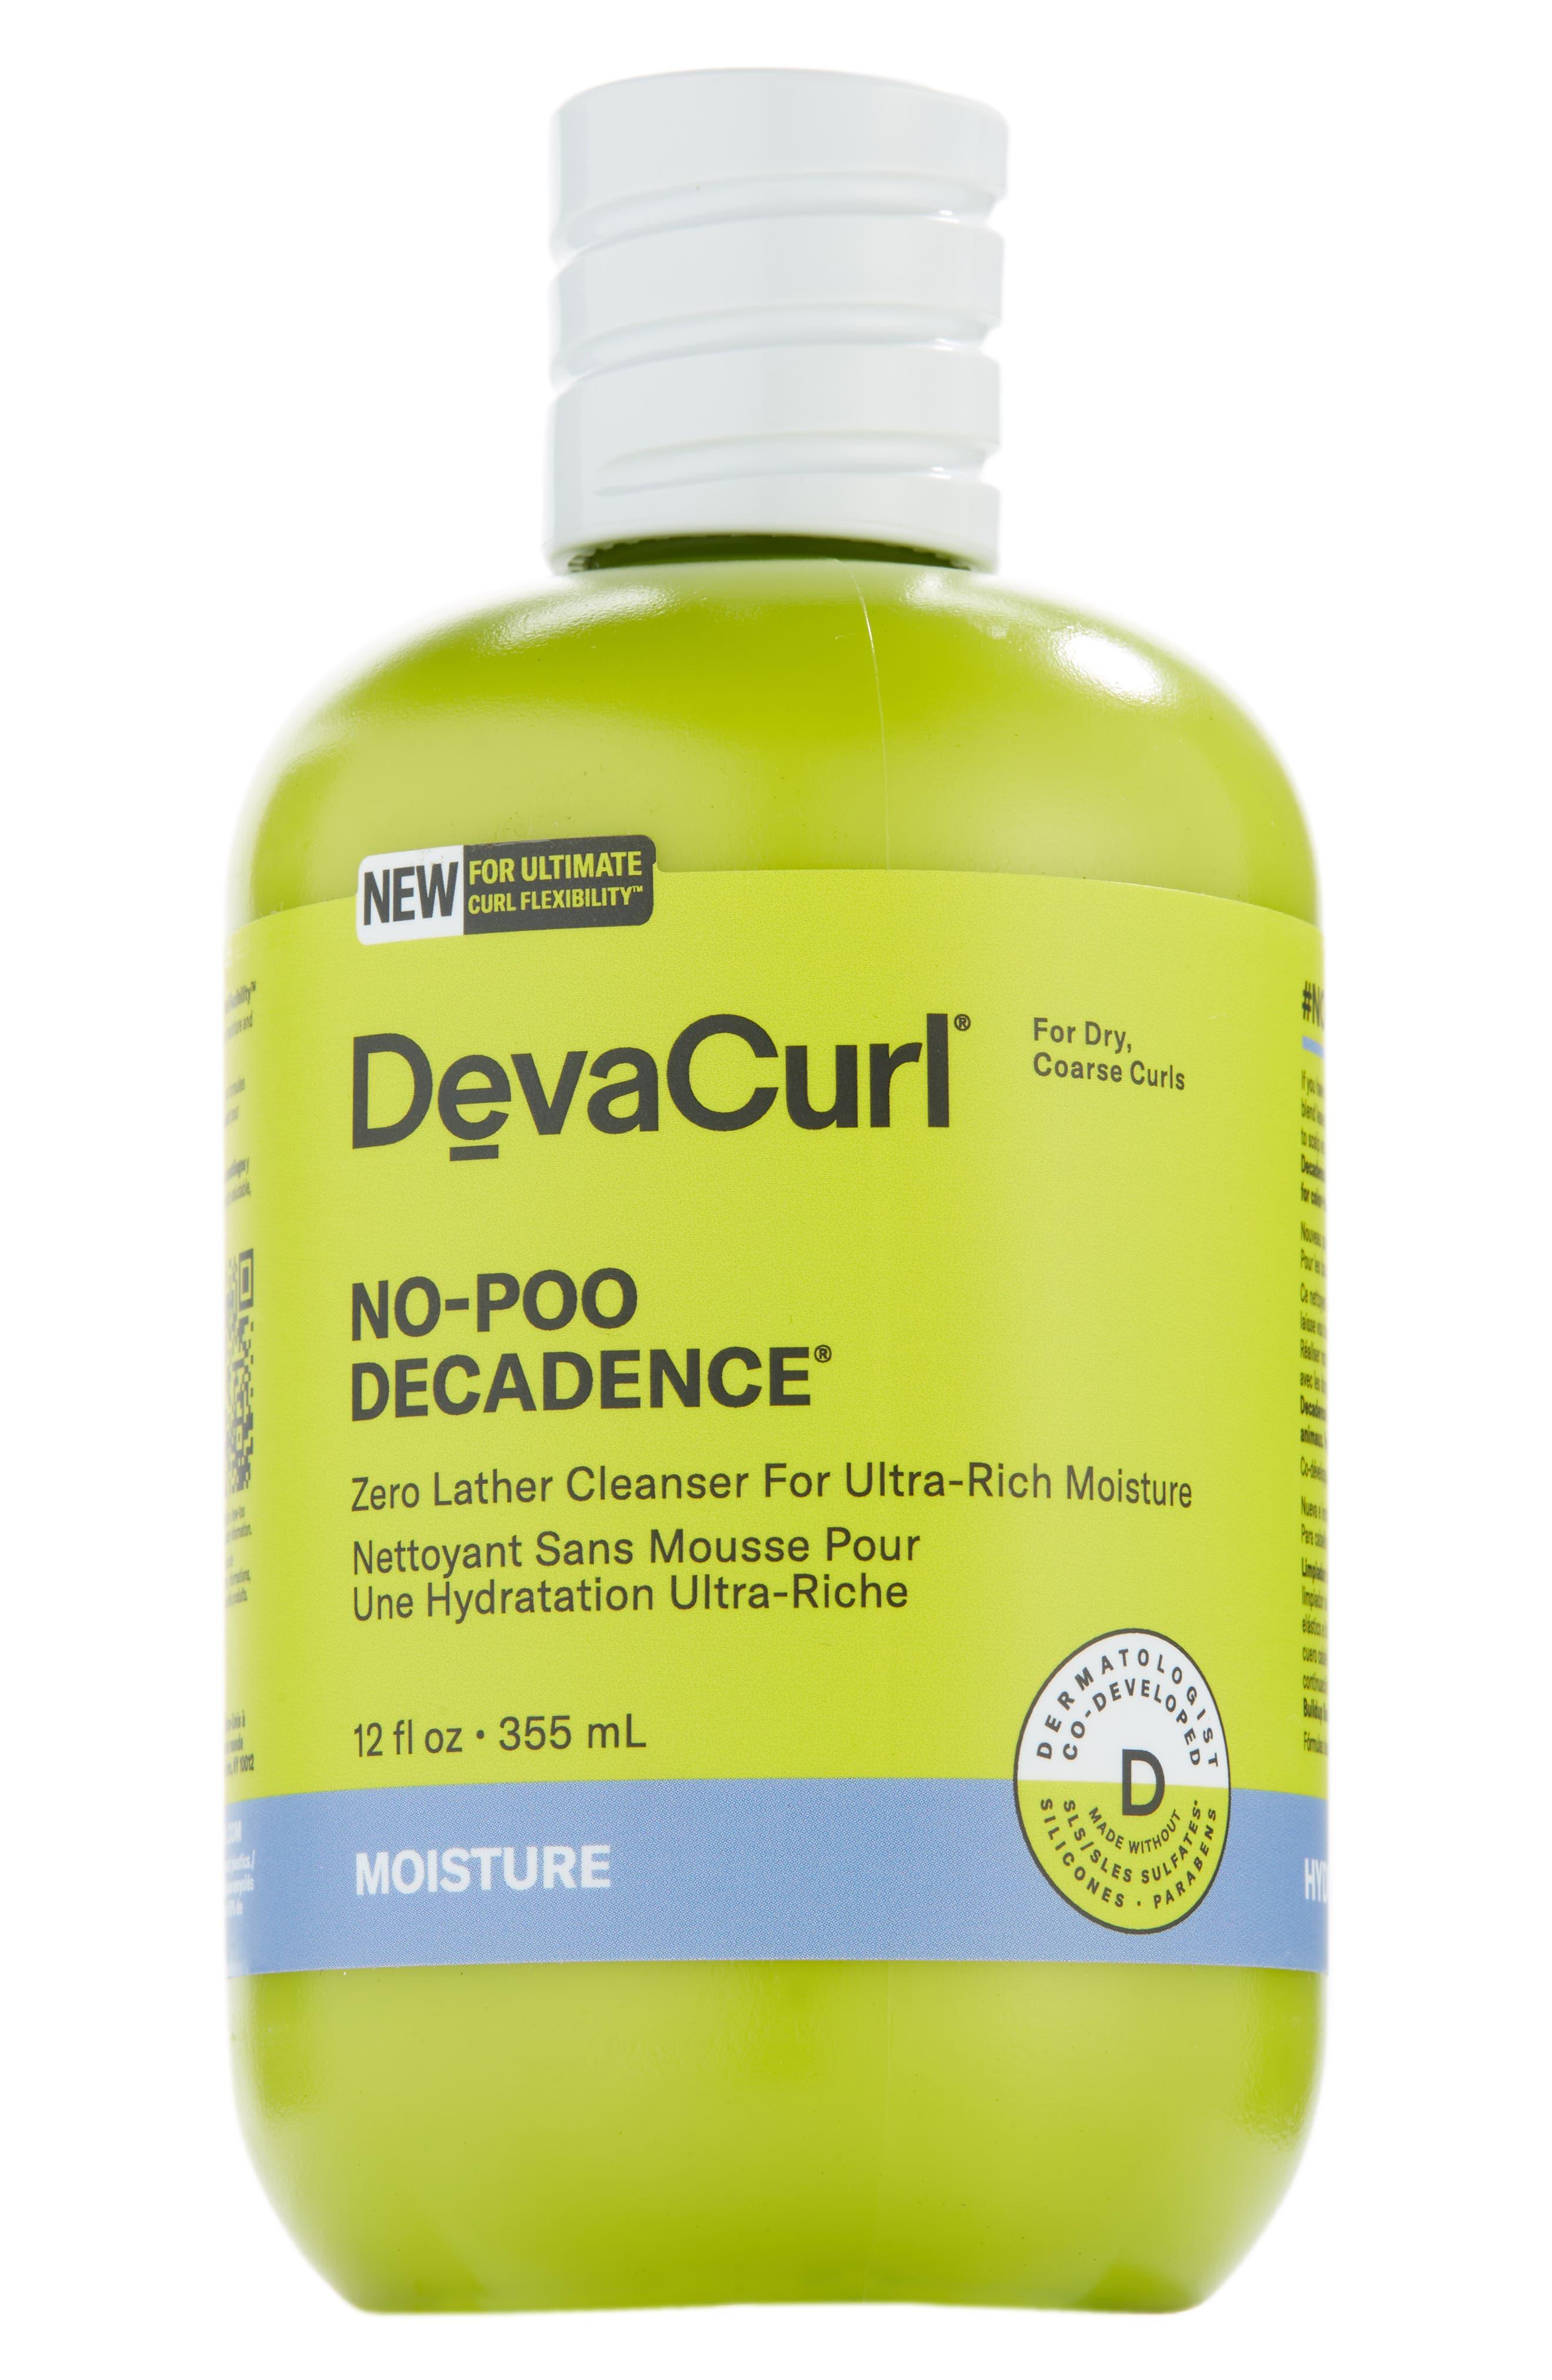 Devacurl No-Poo Decadence Zero-Lather Cleanser